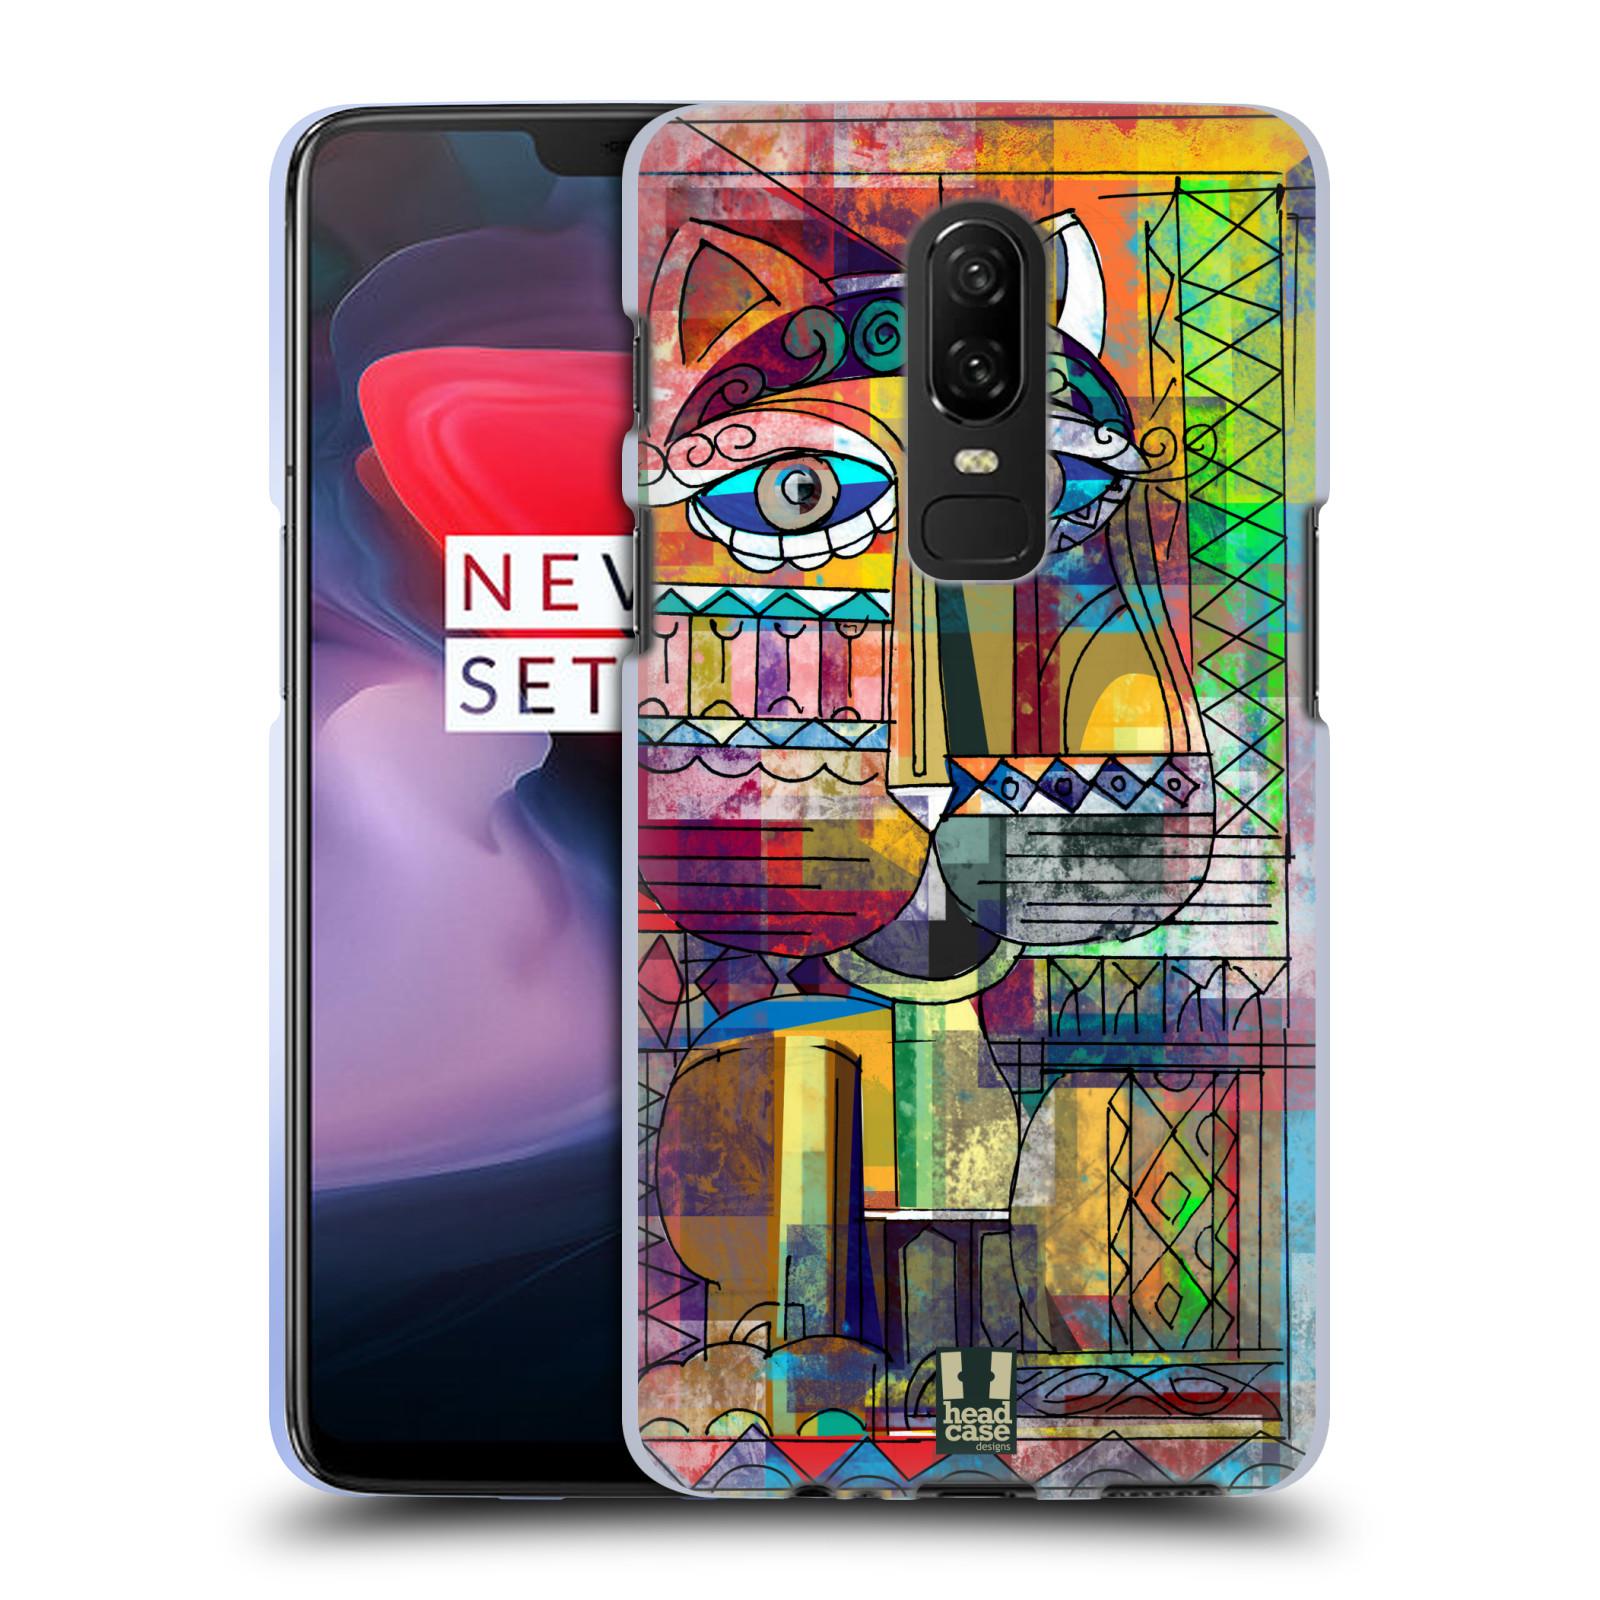 Silikonové pouzdro na mobil OnePlus 6 - Head Case - AZTEC KORAT